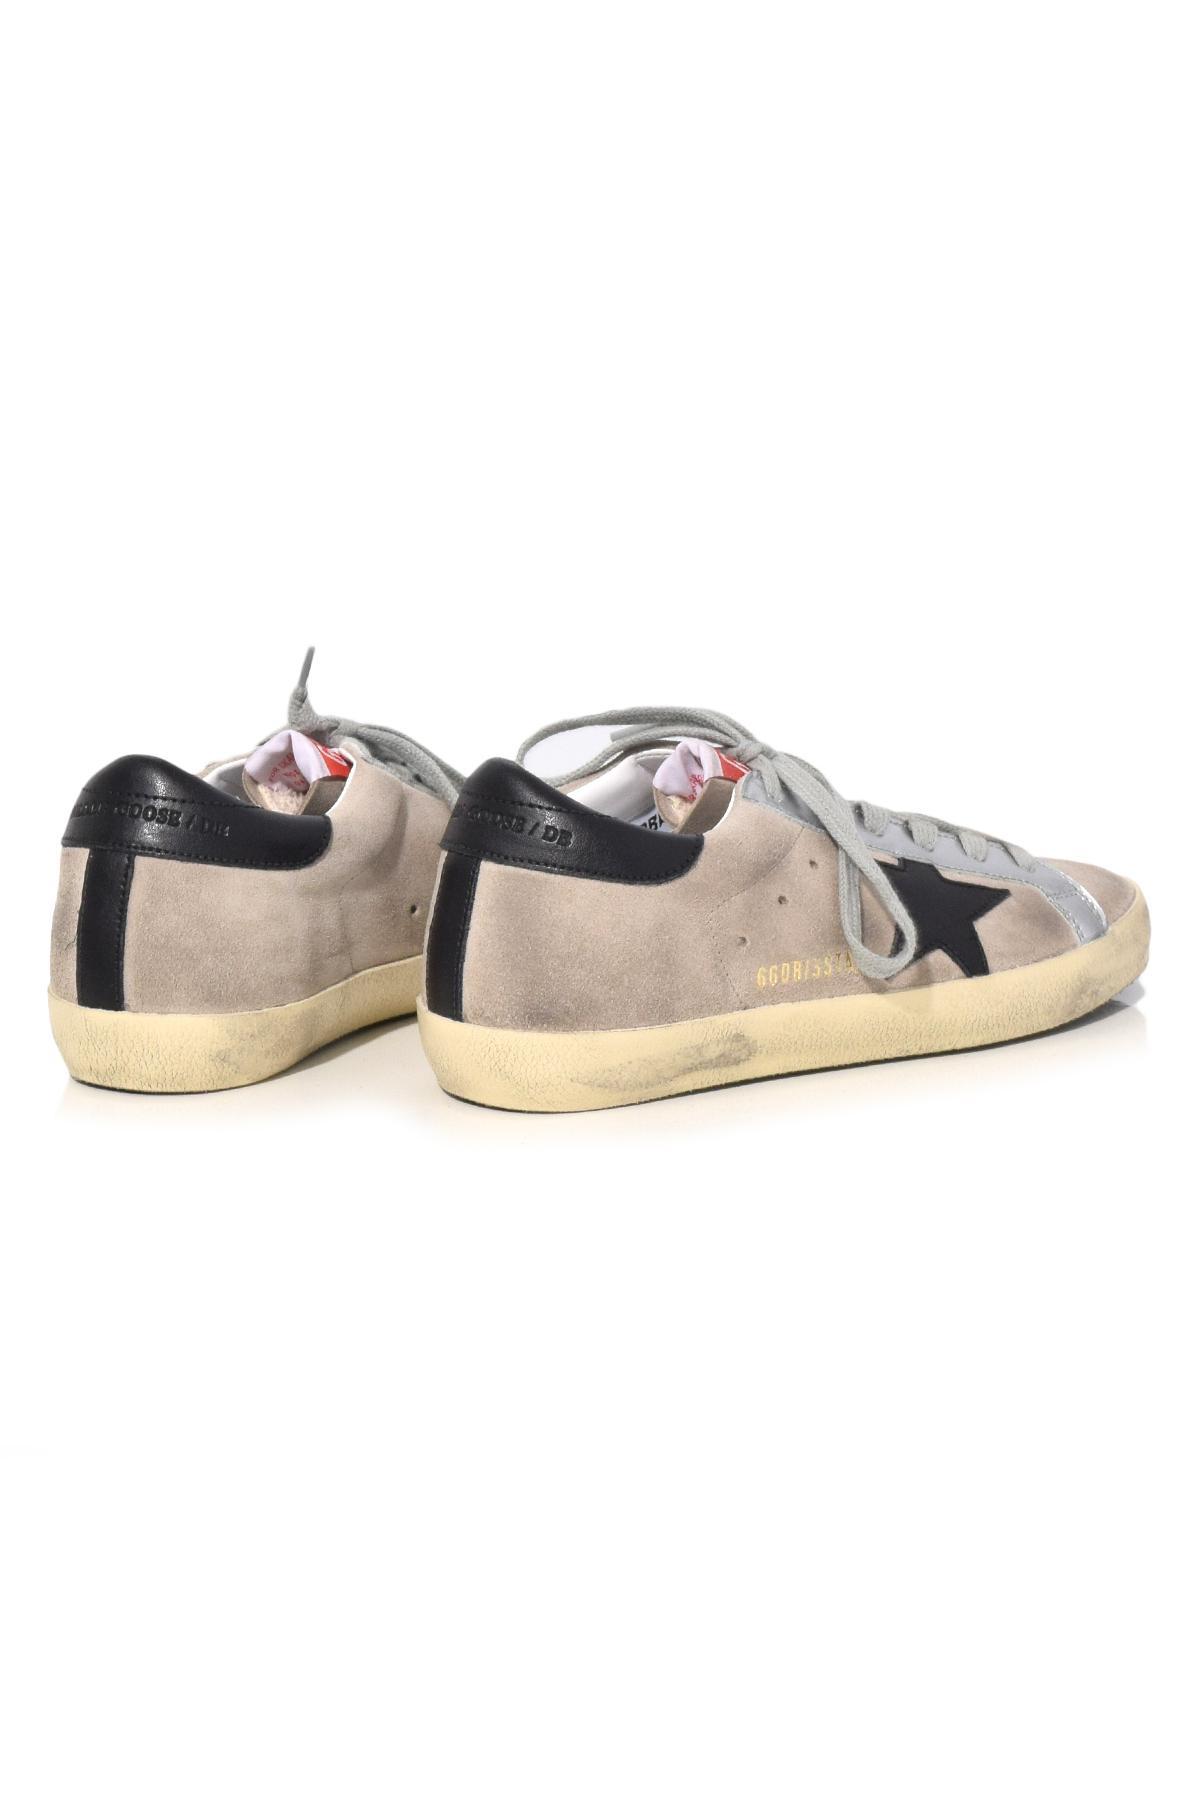 Golden Goose Deluxe Brand Superstar Sneakers In Sand Suede in Natural